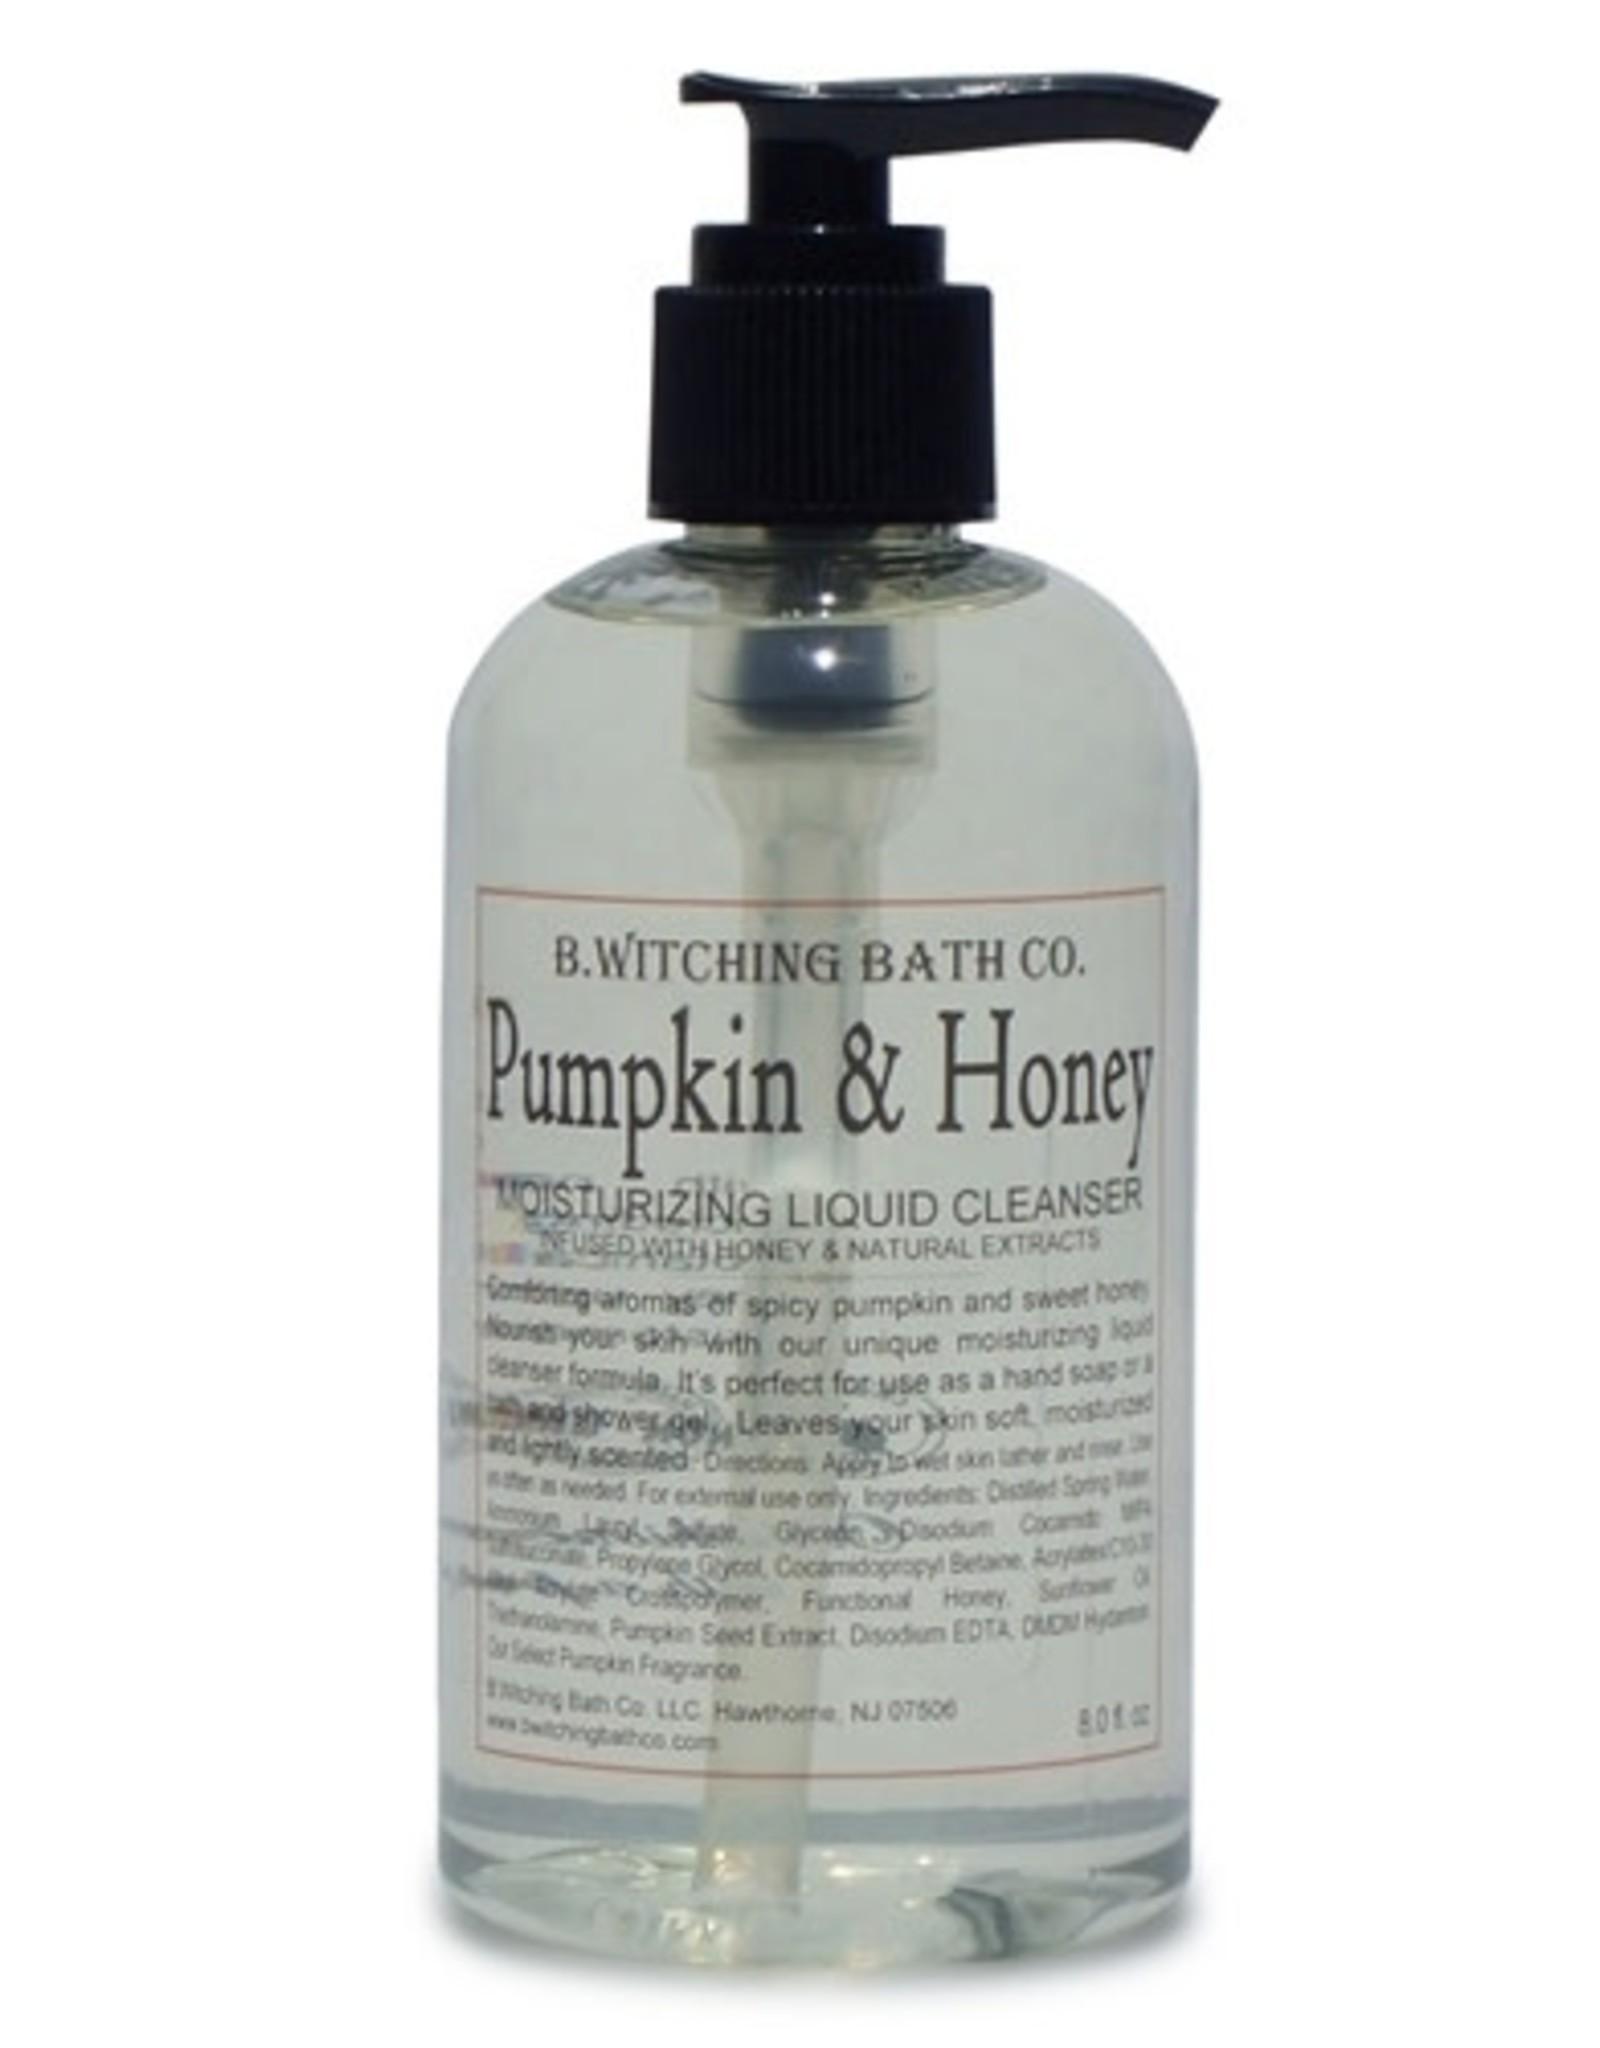 Pumpkin & Honey Moisturizing Liquid Cleanser